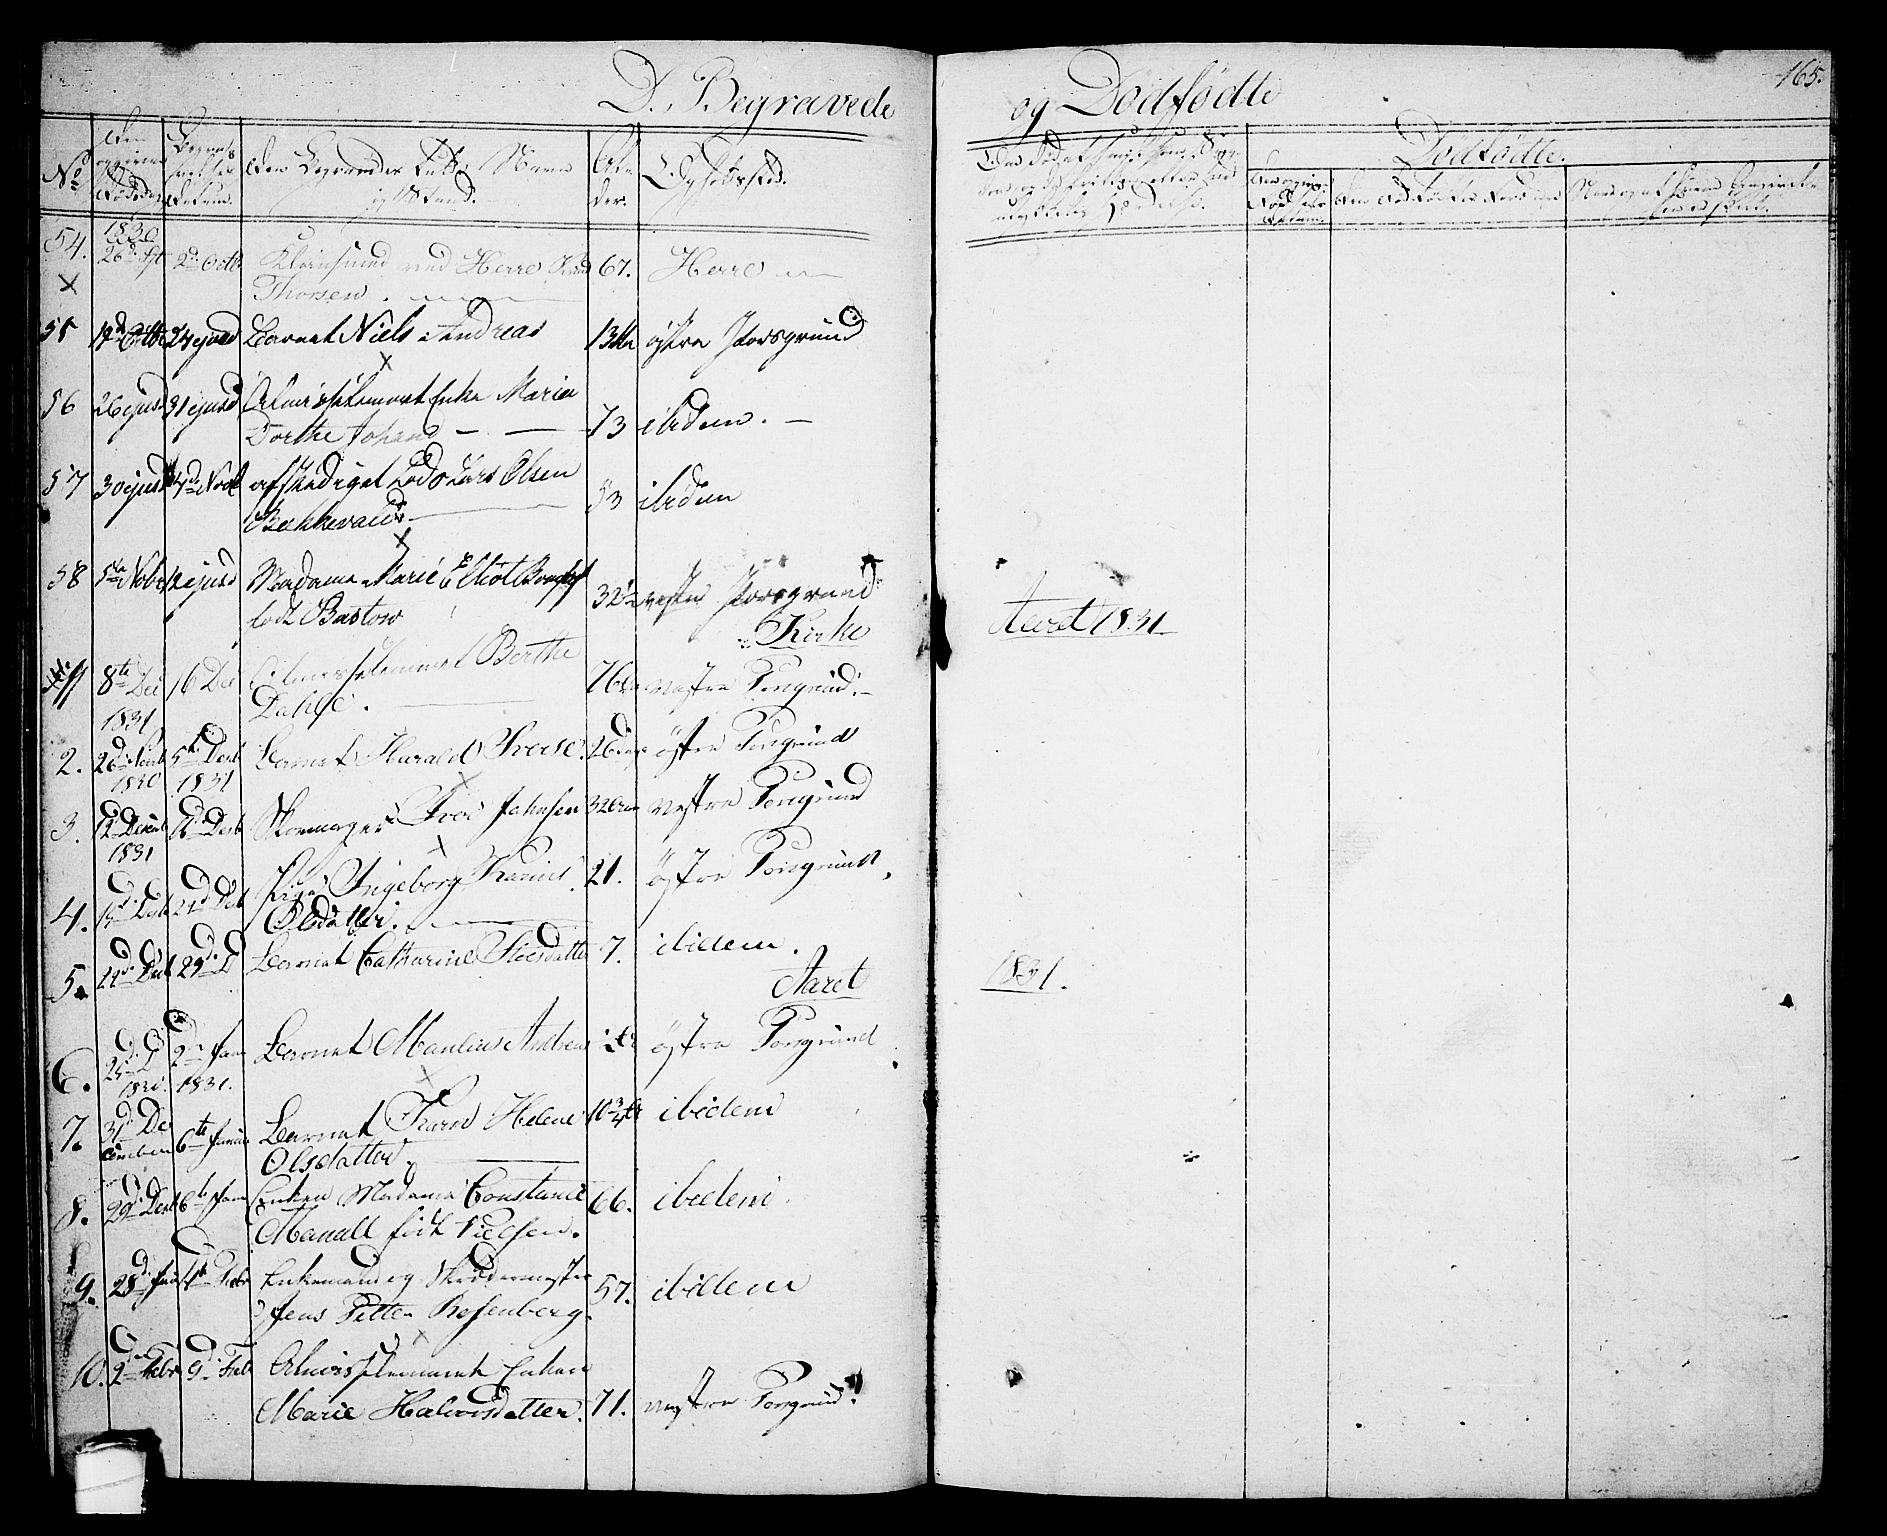 SAKO, Porsgrunn kirkebøker , G/Gb/L0002: Klokkerbok nr. II 2, 1828-1841, s. 165